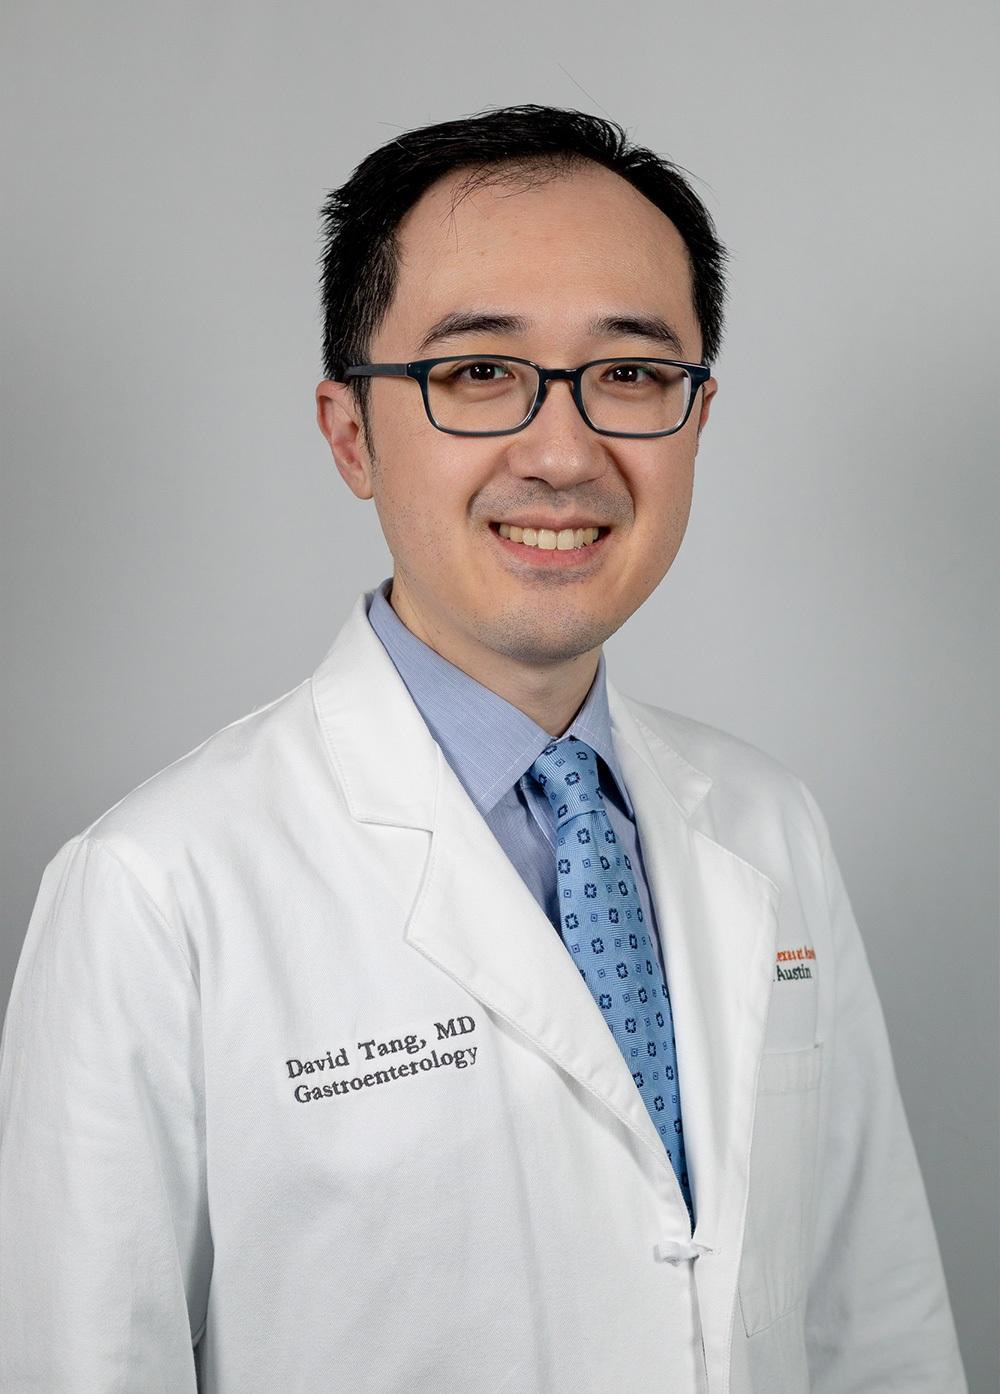 Headshot of David Tang.